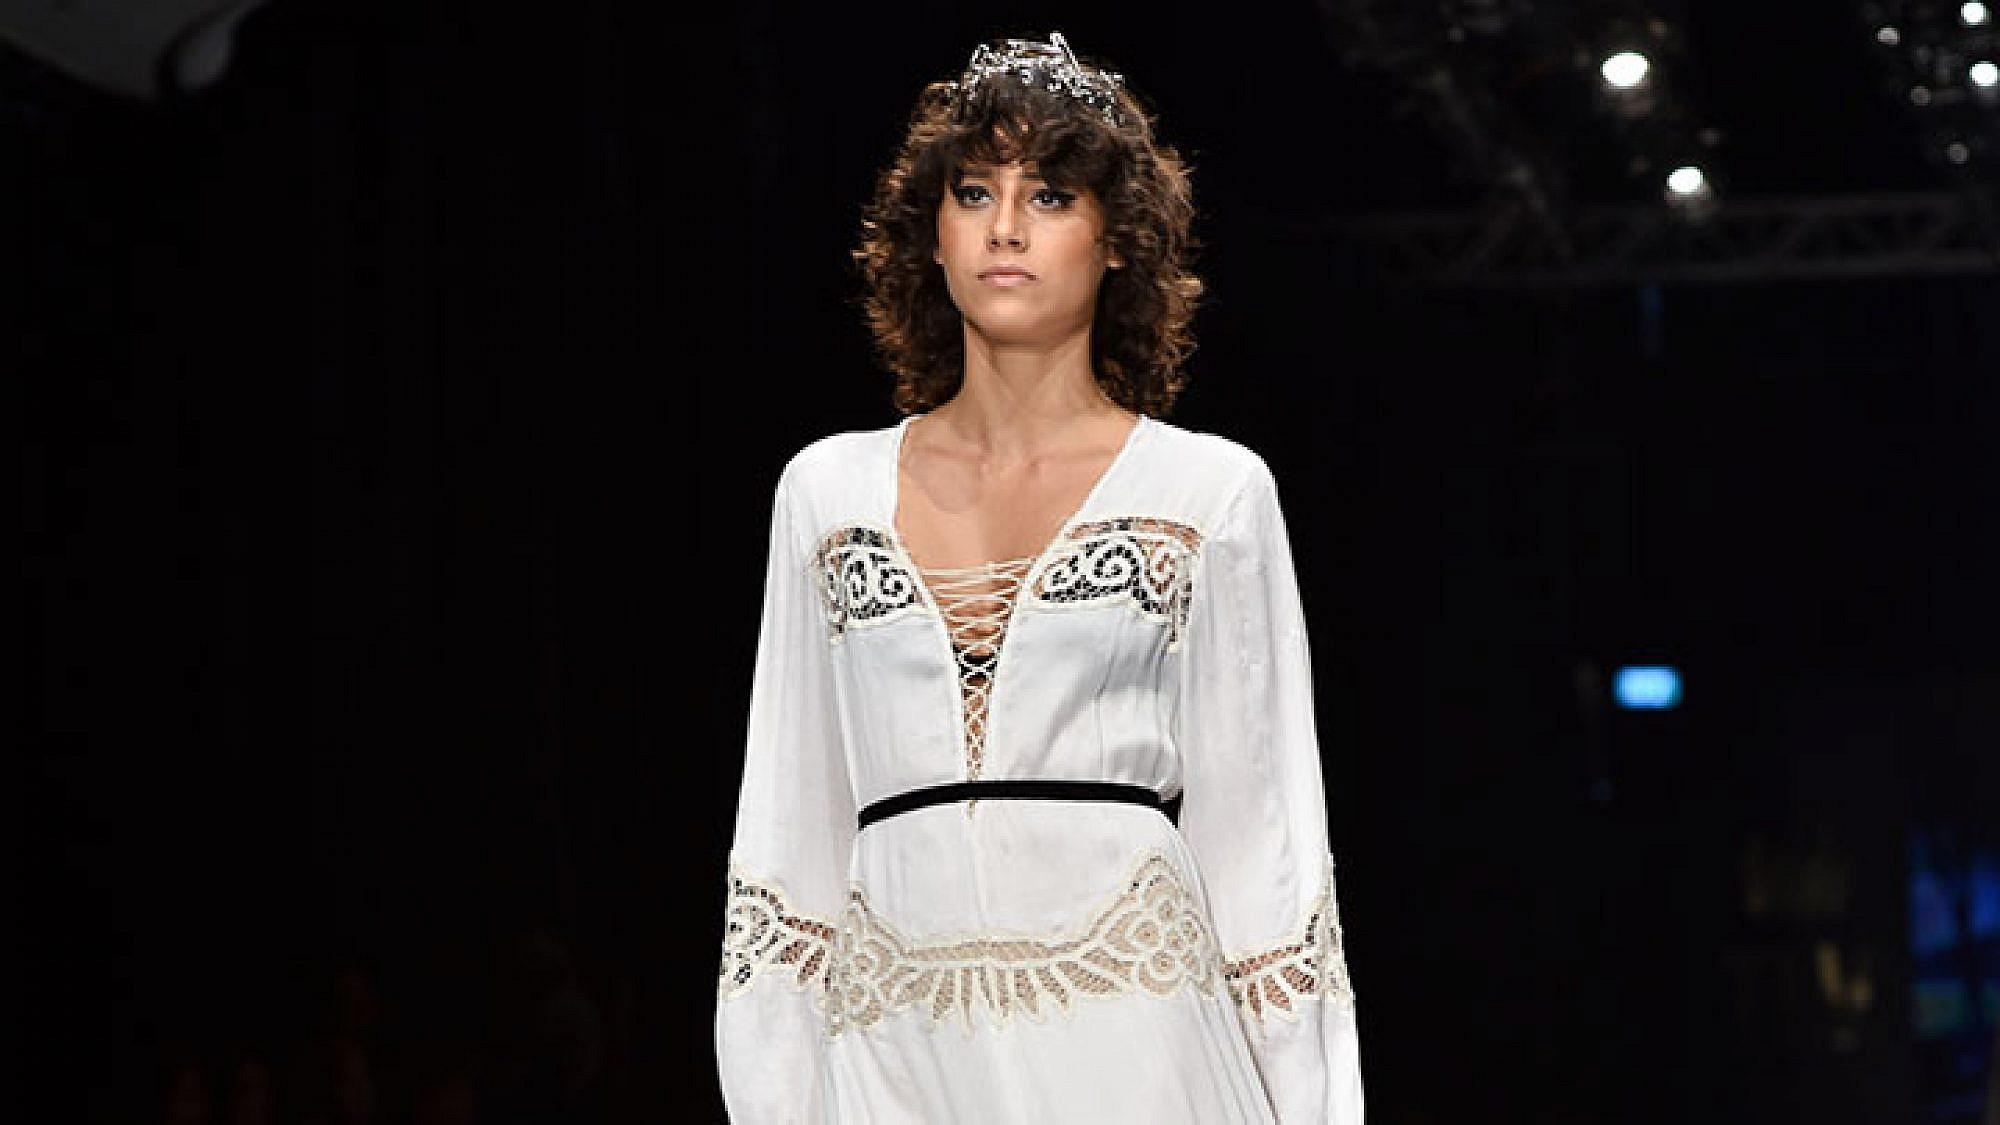 מתוך התצוגה של CLOTHE בשבוע האופנה גינדי תל אביב 2017 | צילום: שי פרנקו